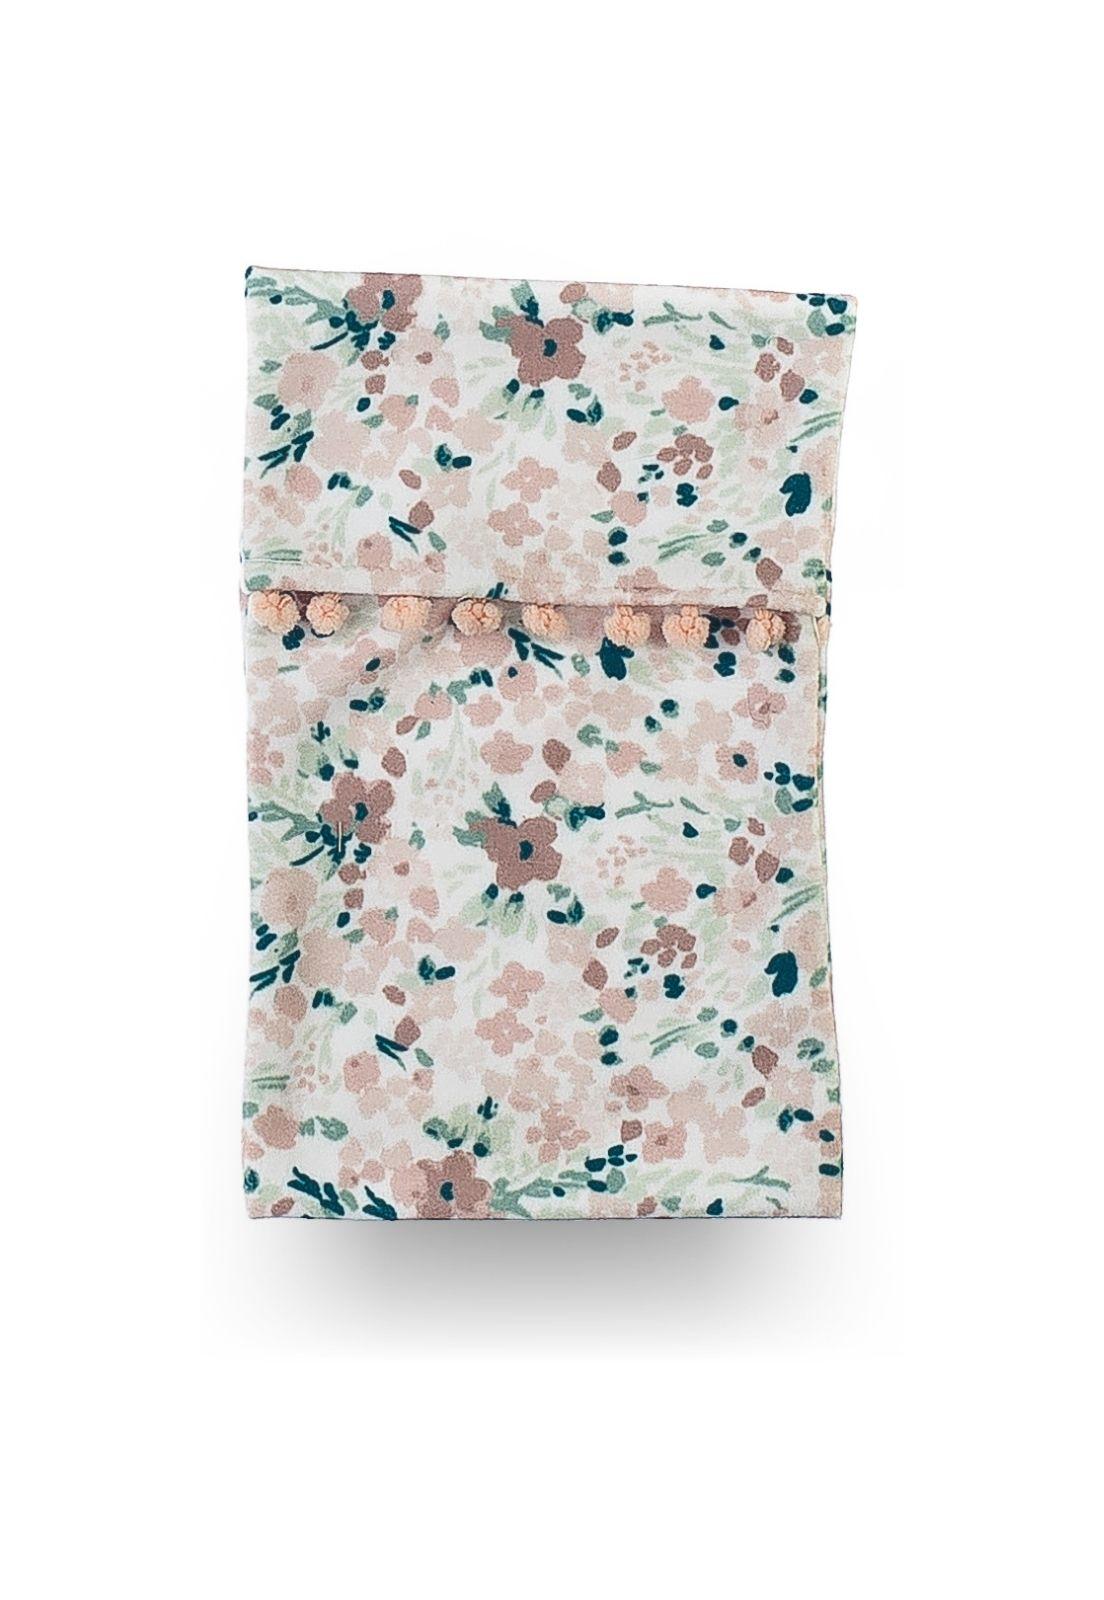 Bolsa Térmica de Sementes - Coleção Botânica Floral Rosa com Verde